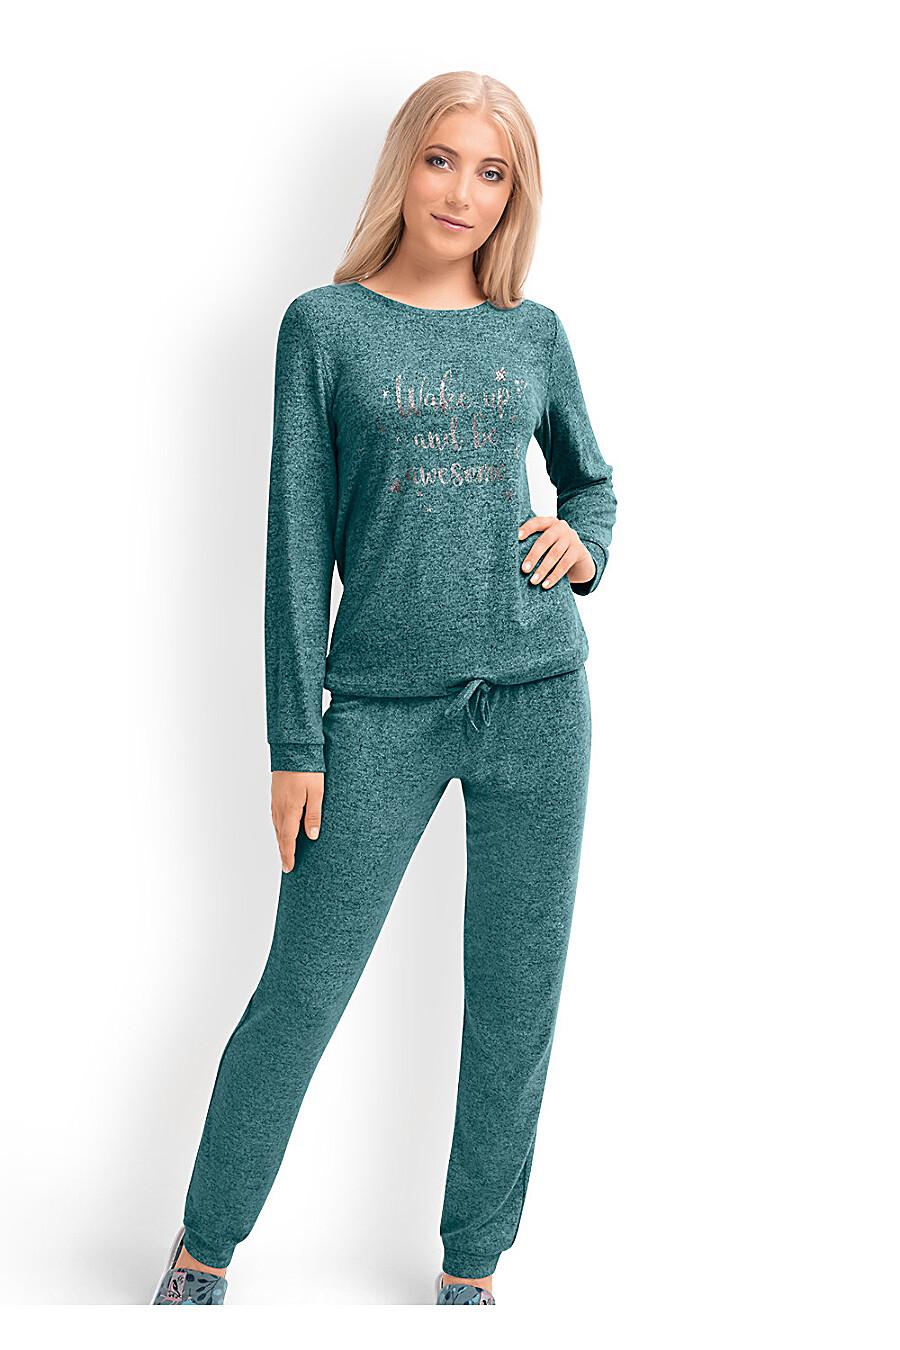 Комплект (джемпер+брюки) для женщин CLEVER 169234 купить оптом от производителя. Совместная покупка женской одежды в OptMoyo